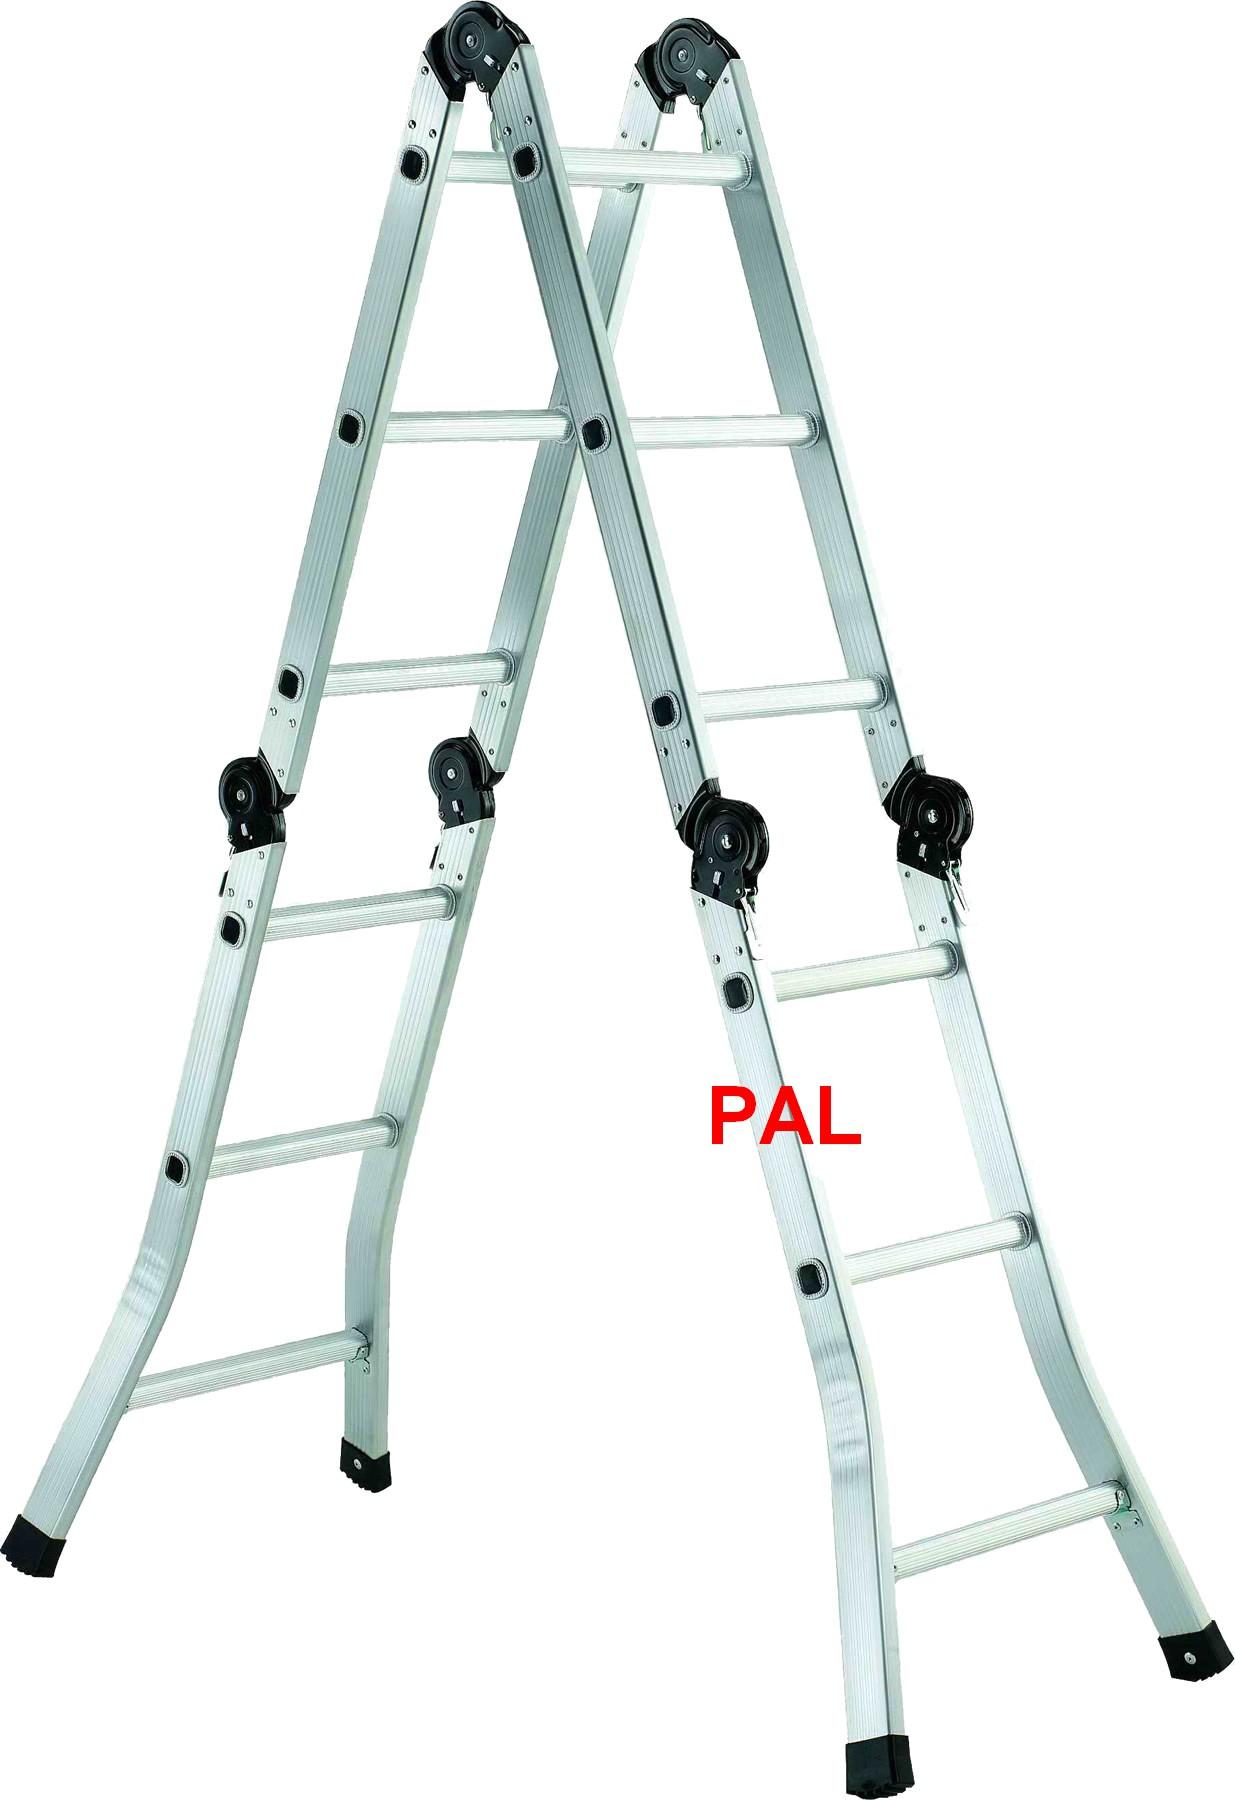 Thang nhôm 4 đoạn PAL B6-245